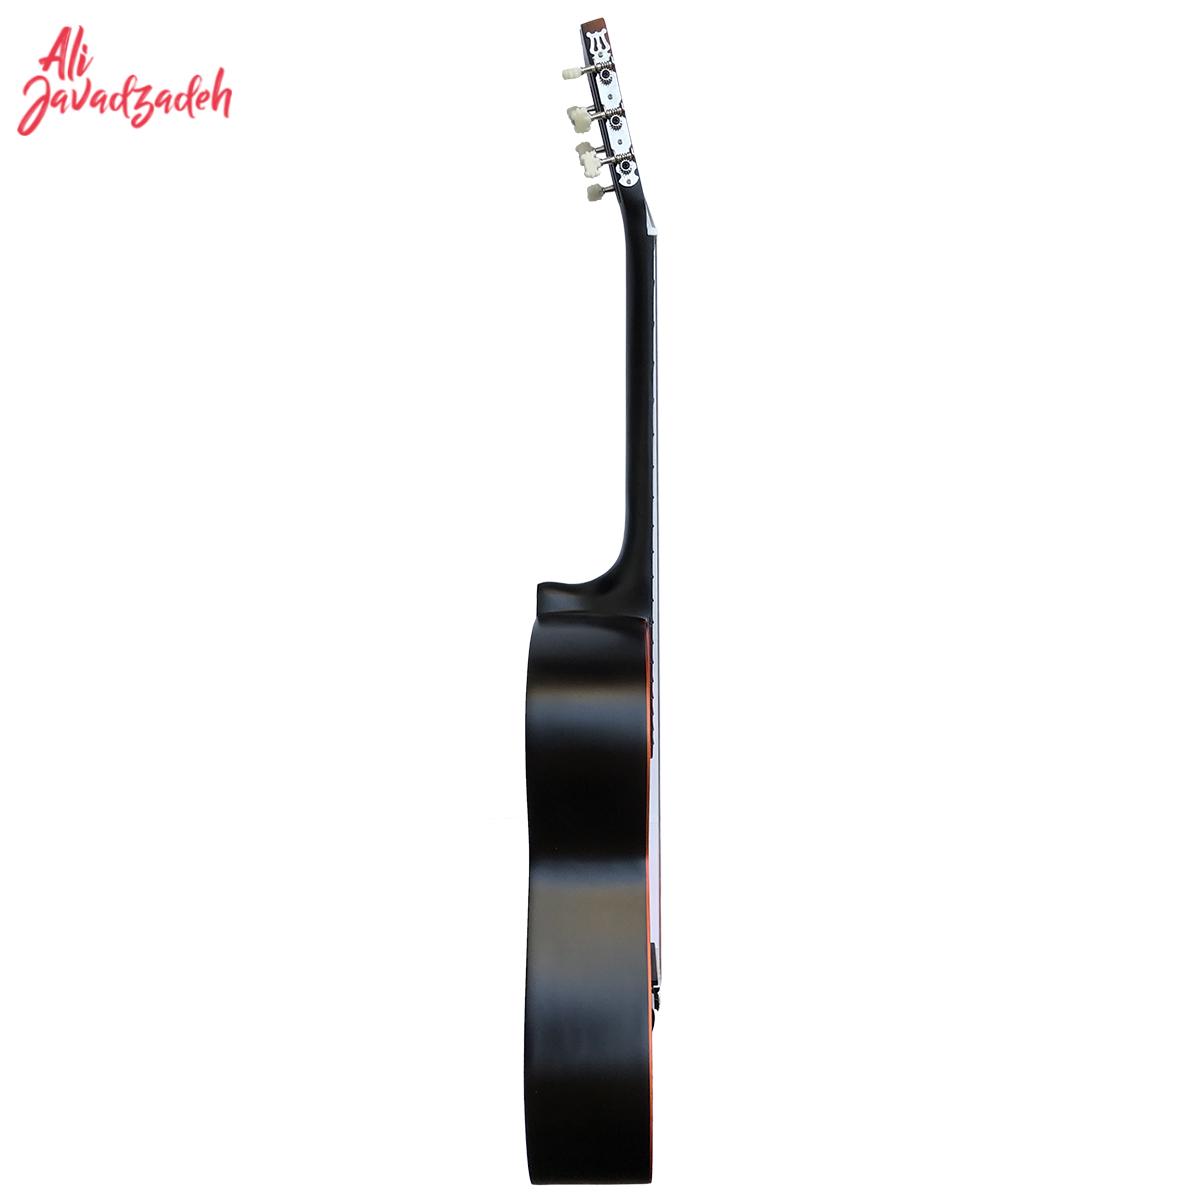 گیتار کلاسیک علی جوادزاده مدل 1C-15